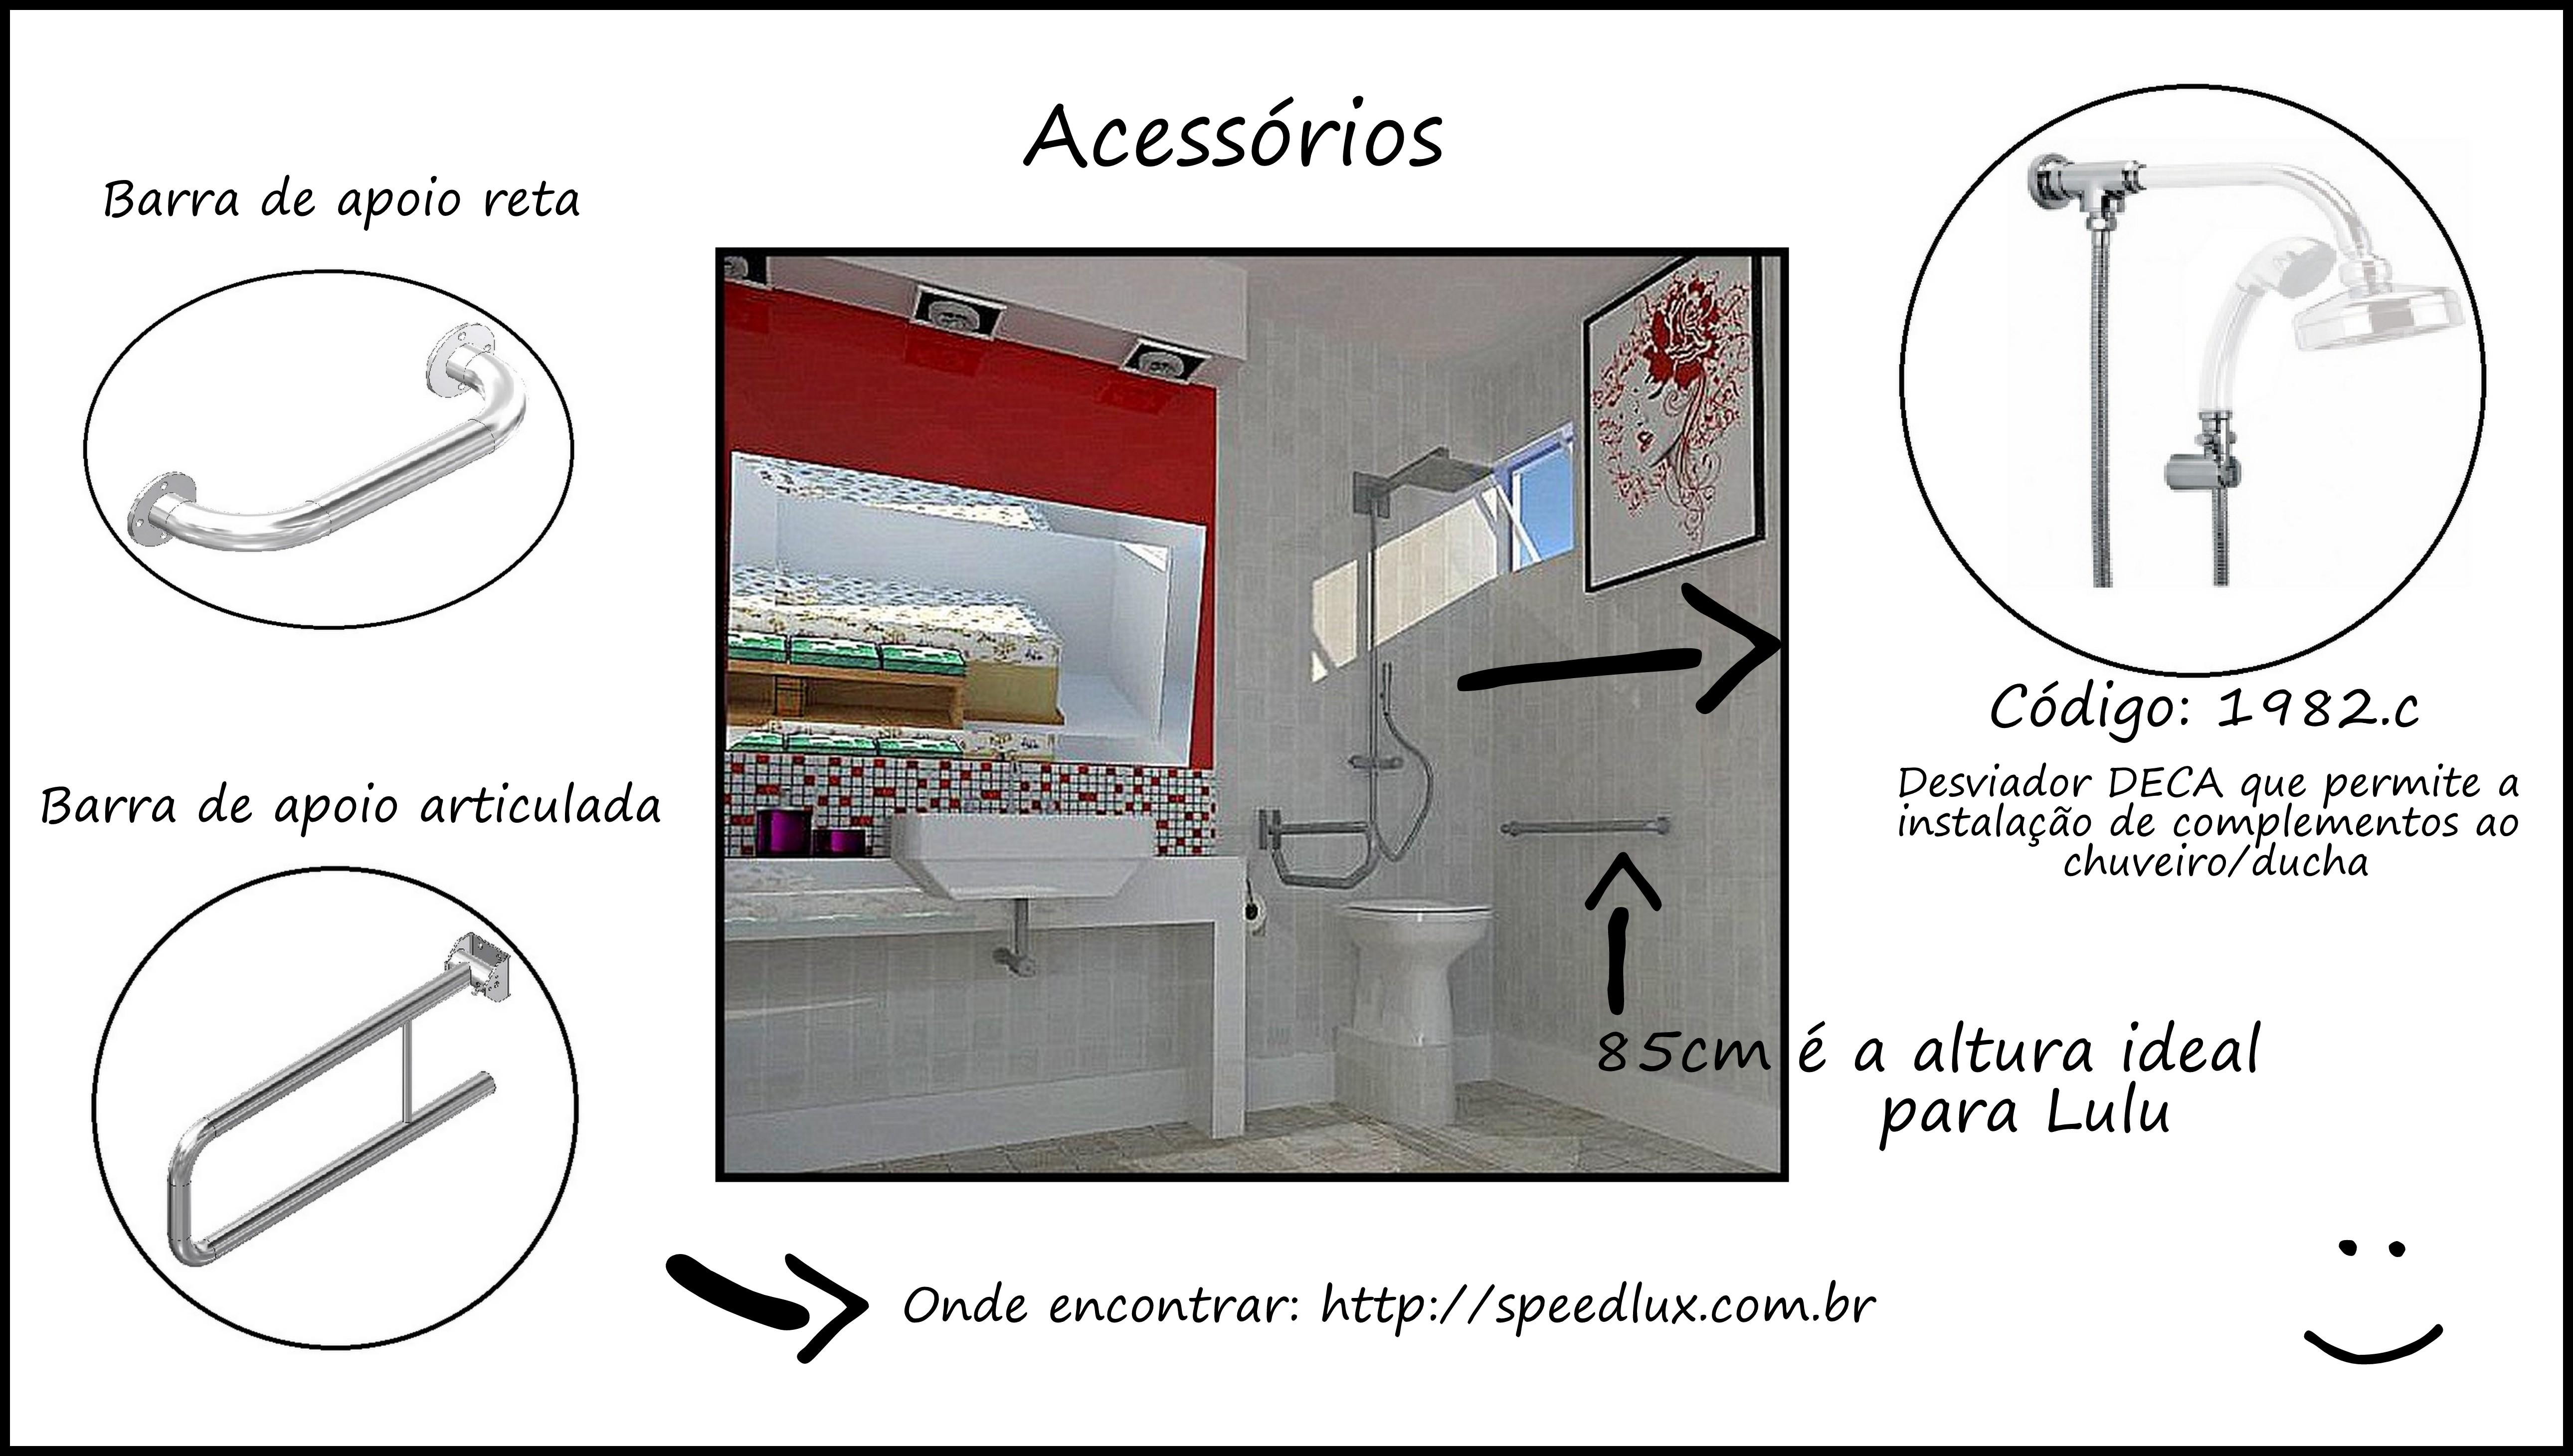 Algumas regras básicas para deixar o banheiro ainda mais confortável  #791E1D 5160 2920